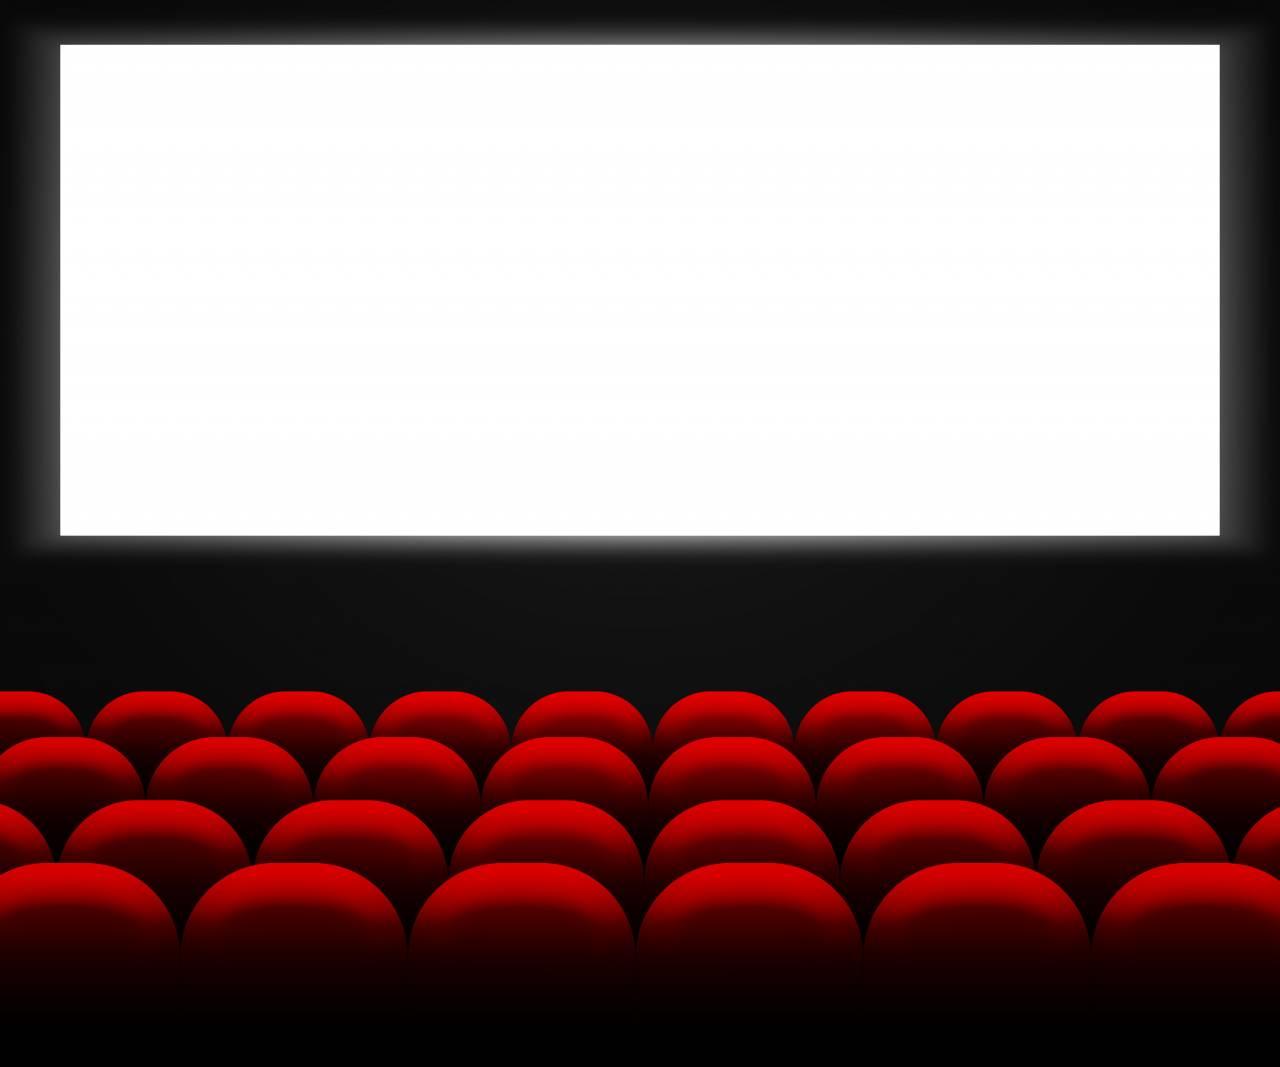 もし、映画が自由に観れなくなったら?映画「チャック・ノリス共産主義」